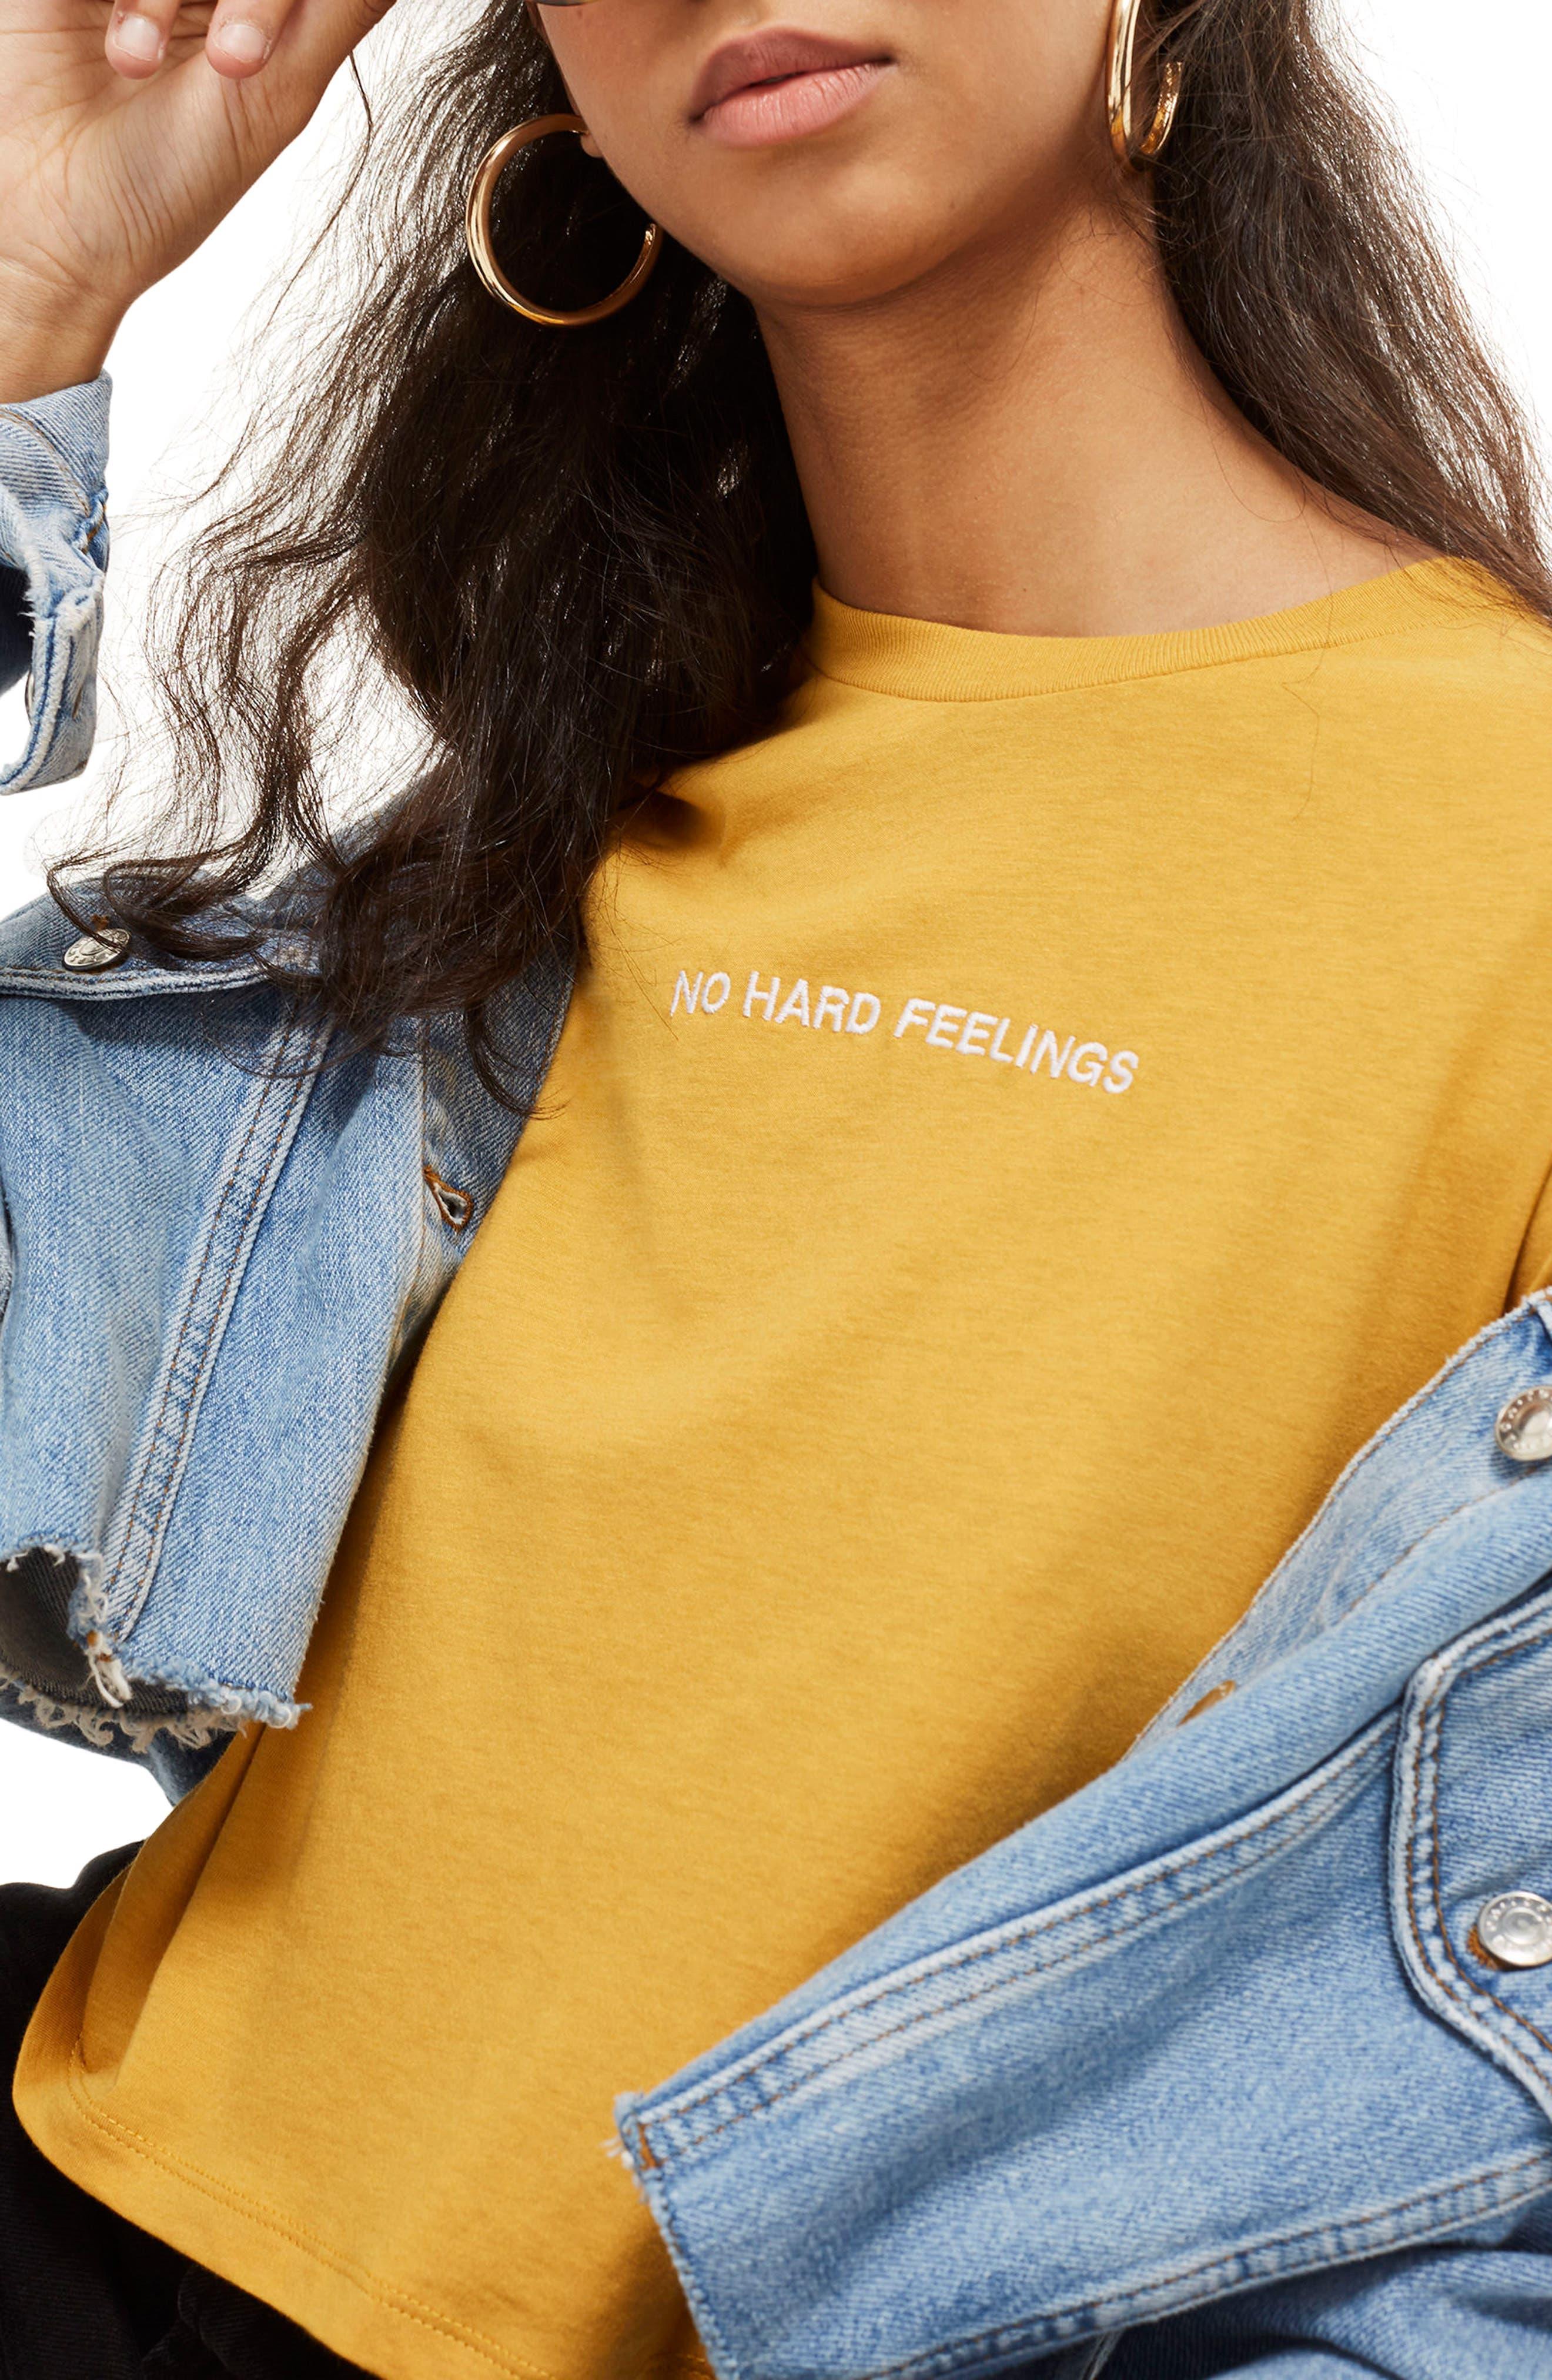 TOPSHOP,                             No Hard Feelings Crop T-Shirt,                             Main thumbnail 1, color,                             701